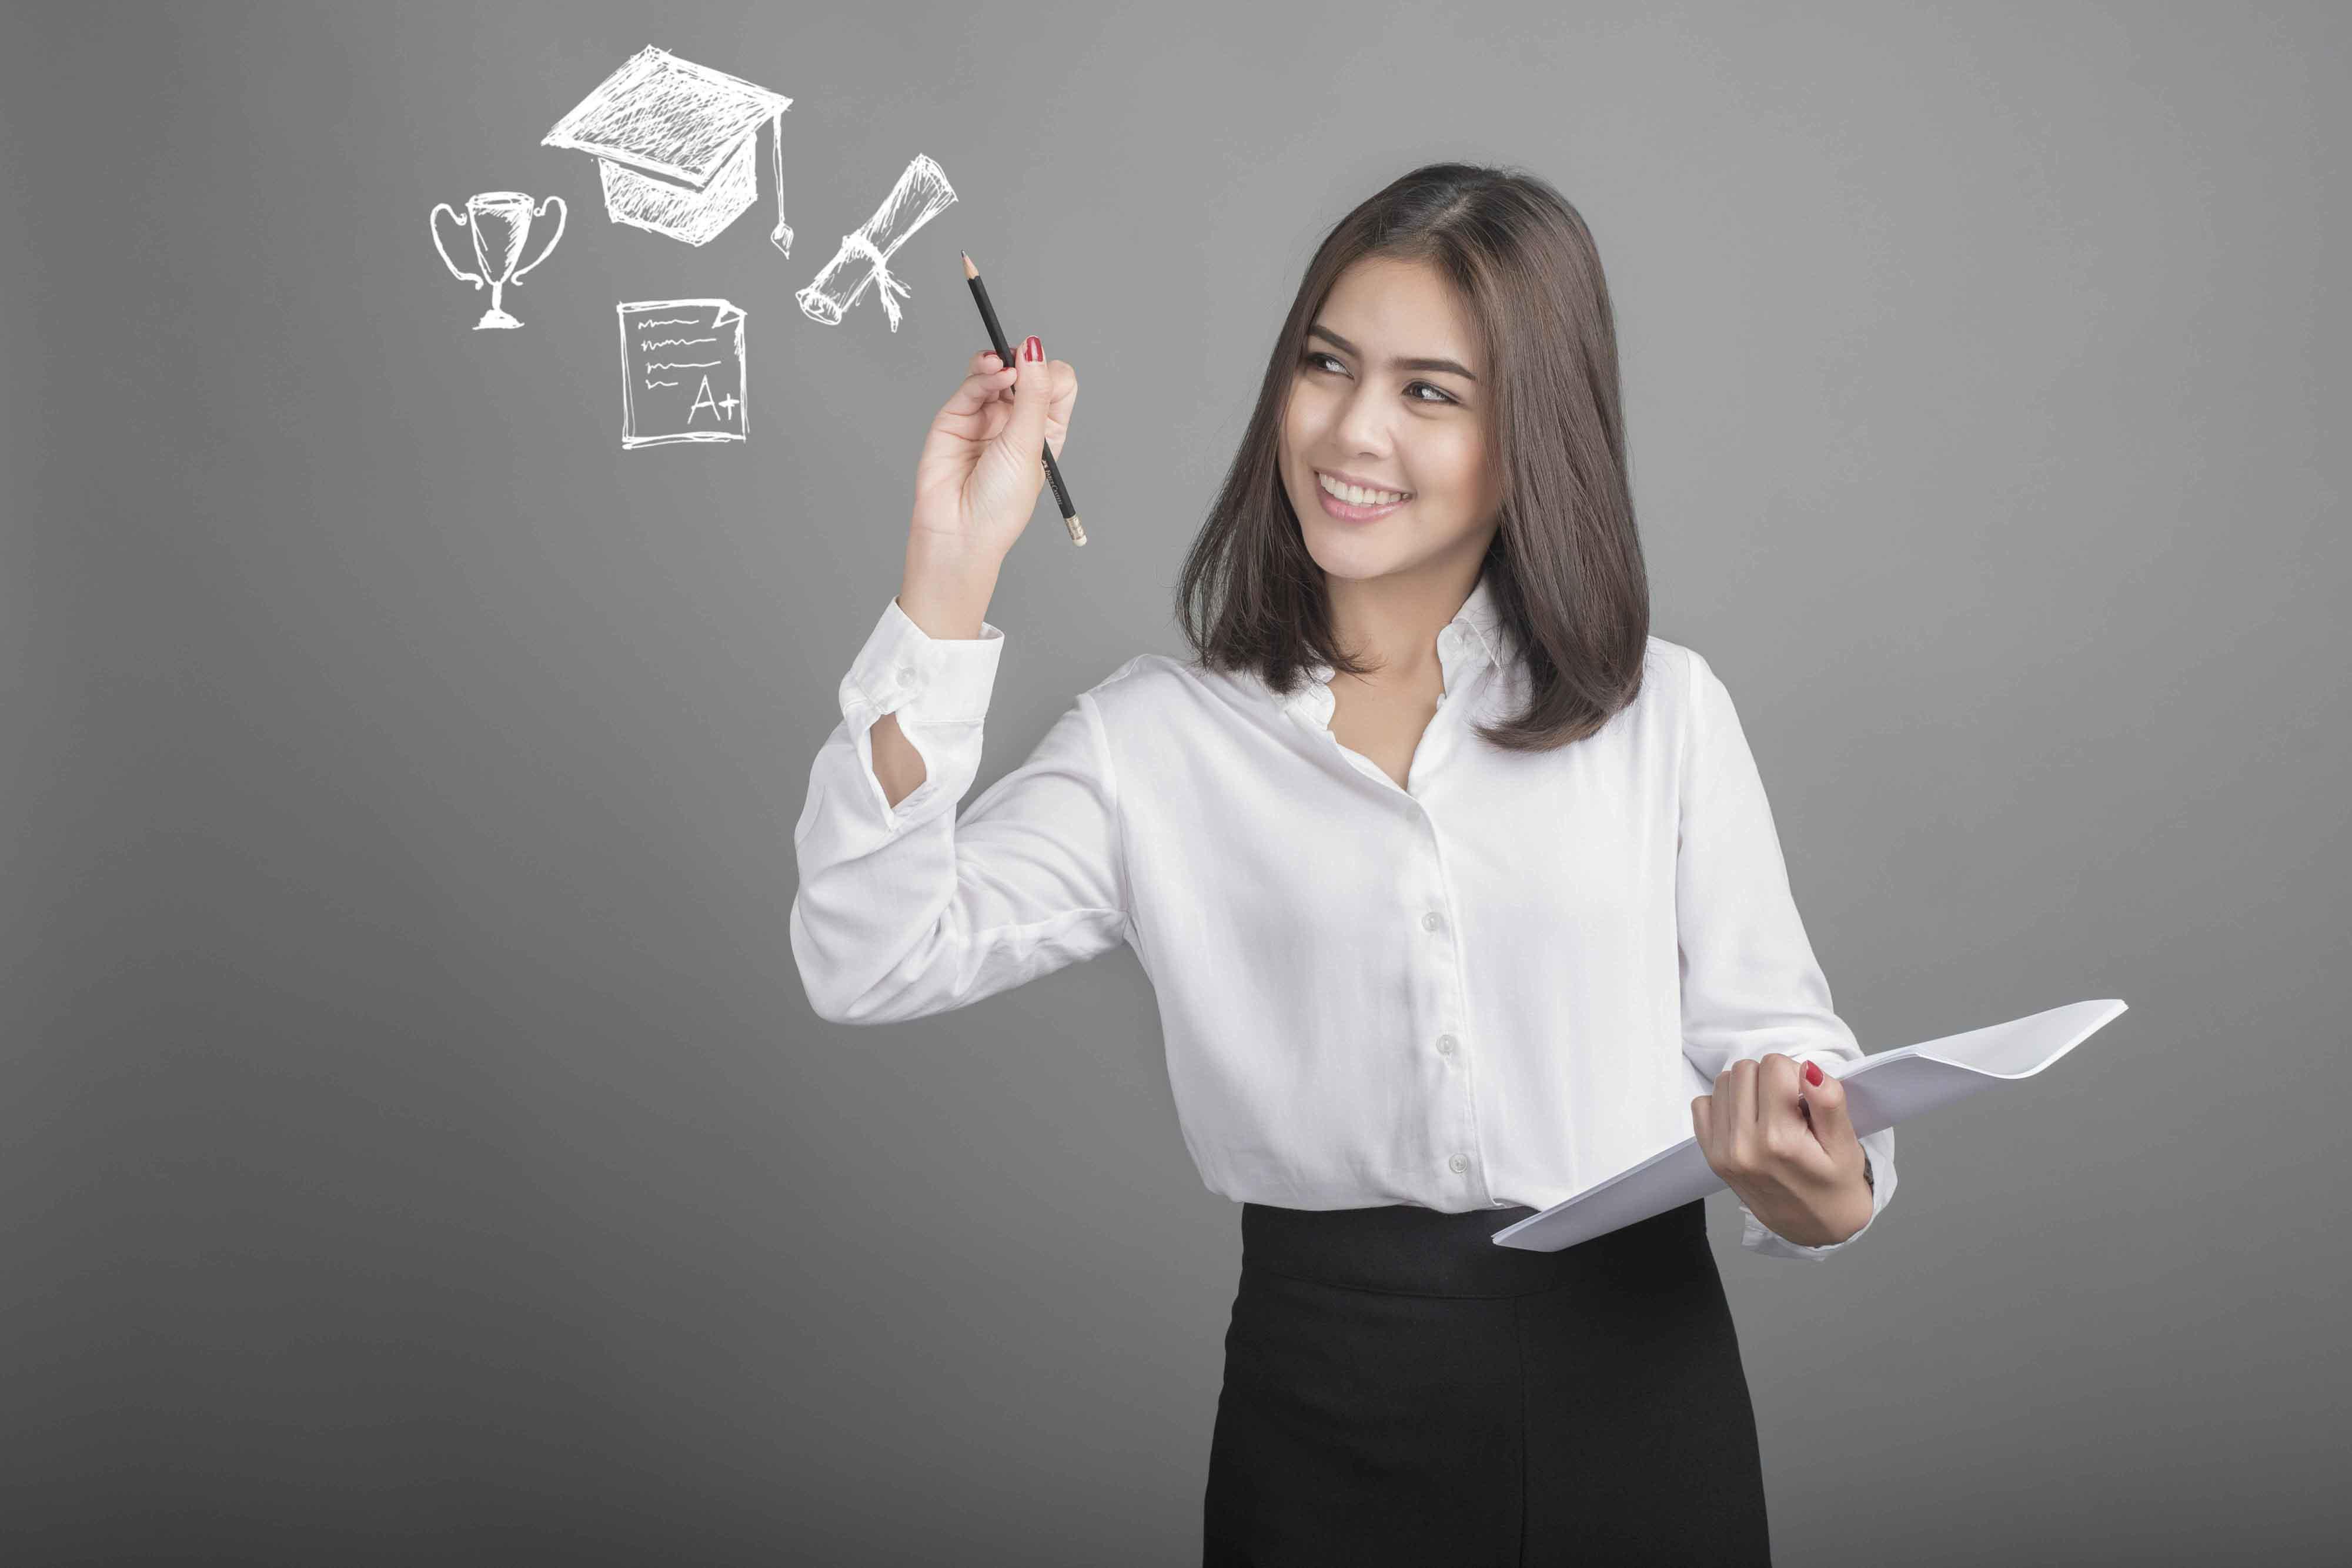 Chica pensando y dibujos de elementos académicos al lado de su cabeza